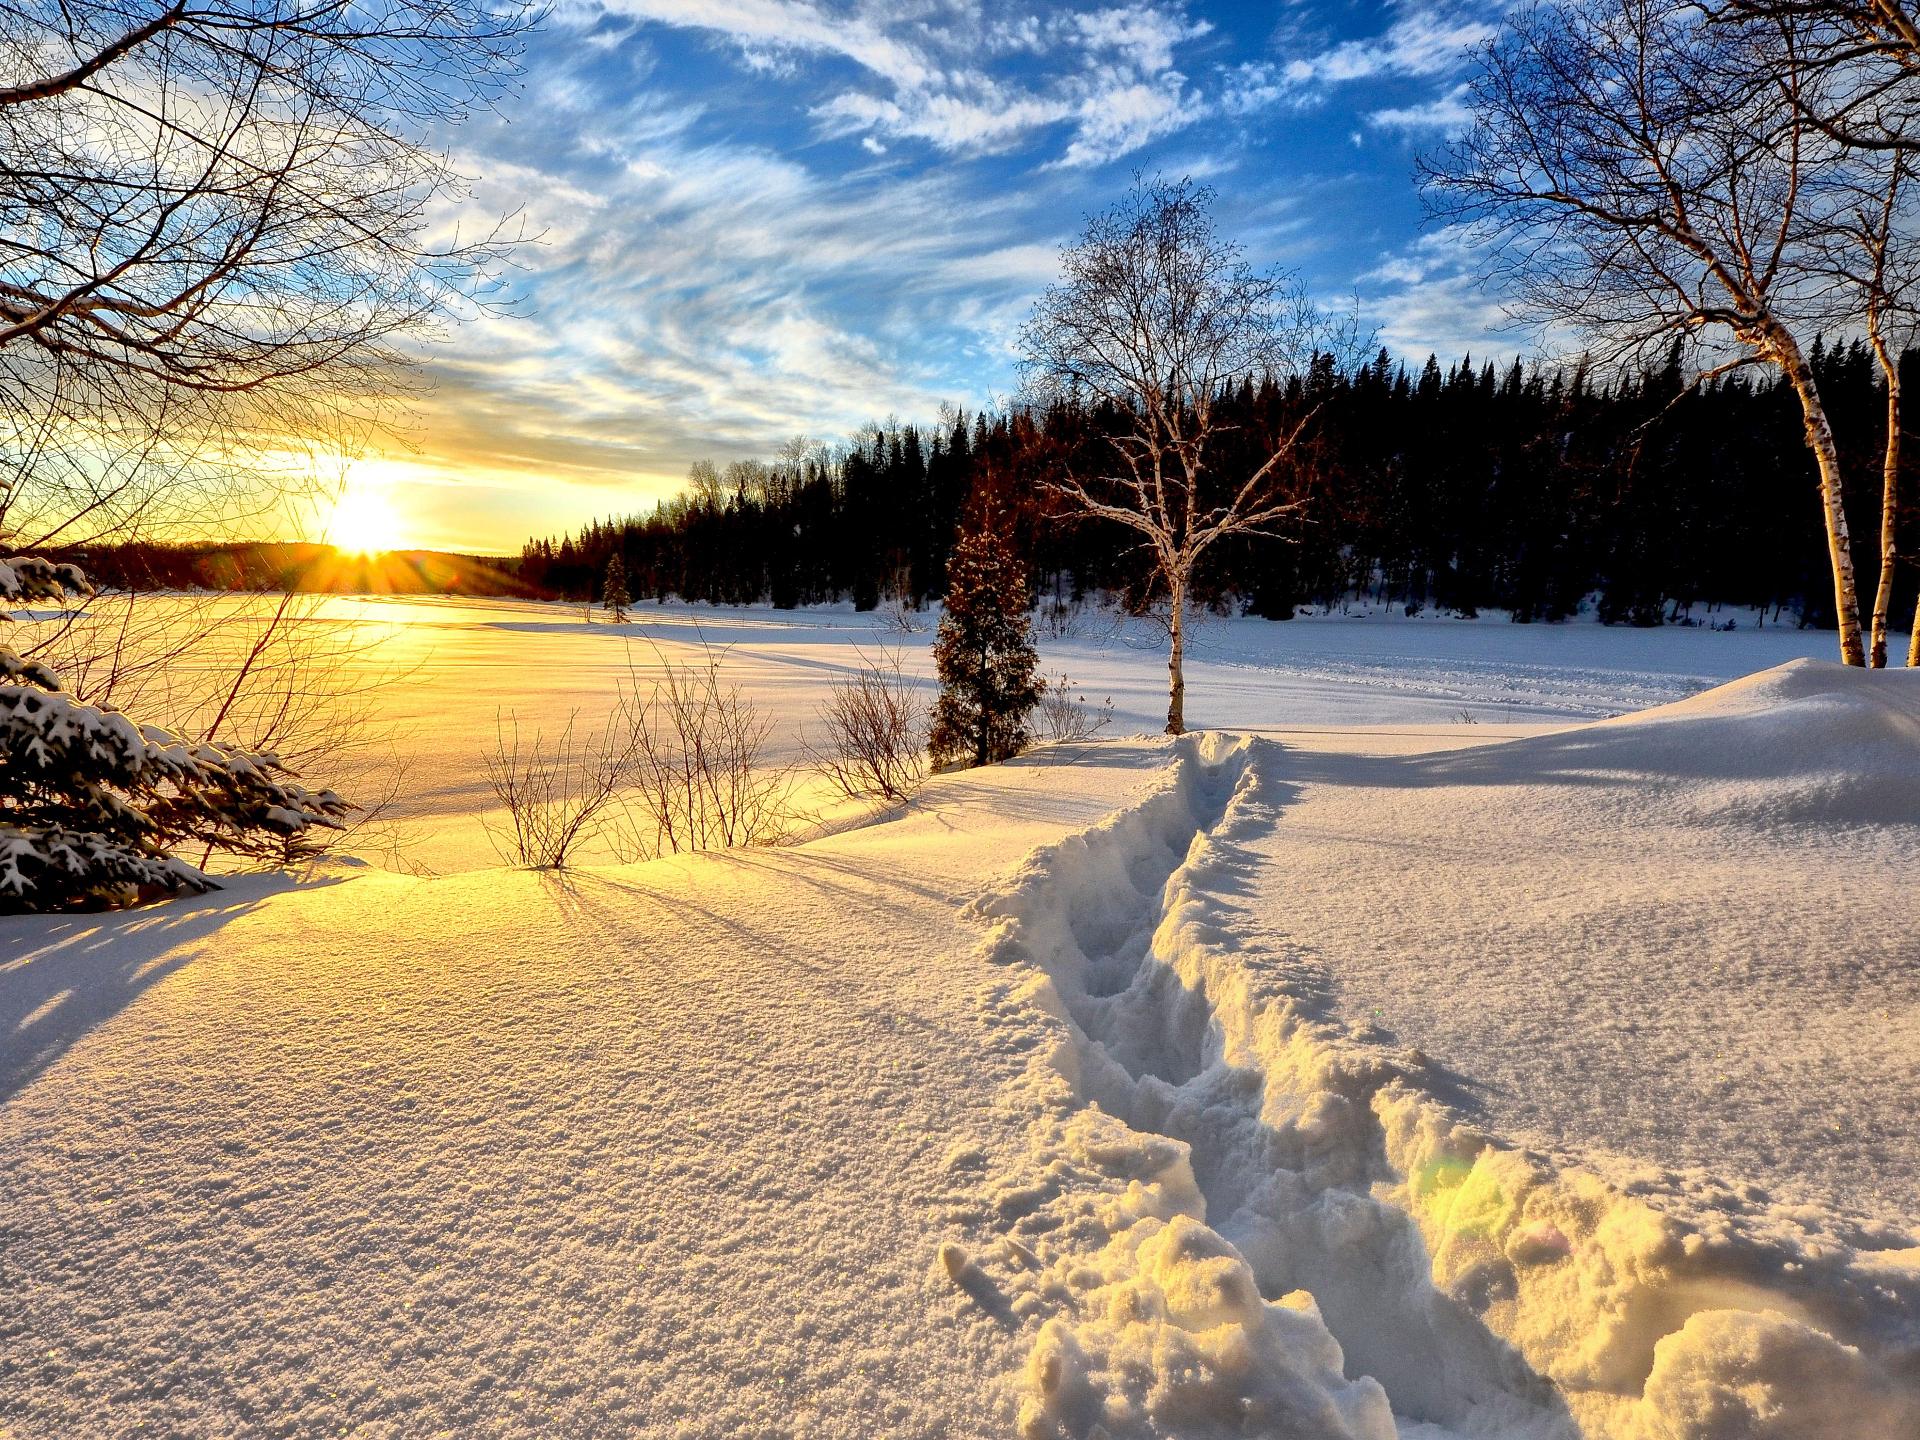 Ein Spaziergang im Winter hat oft eine ganz besondere Magie. Und dann ist die Kälte plötzlich auch nicht mehr so relevant. - Photocredit: pixabay.com/AlainAudet